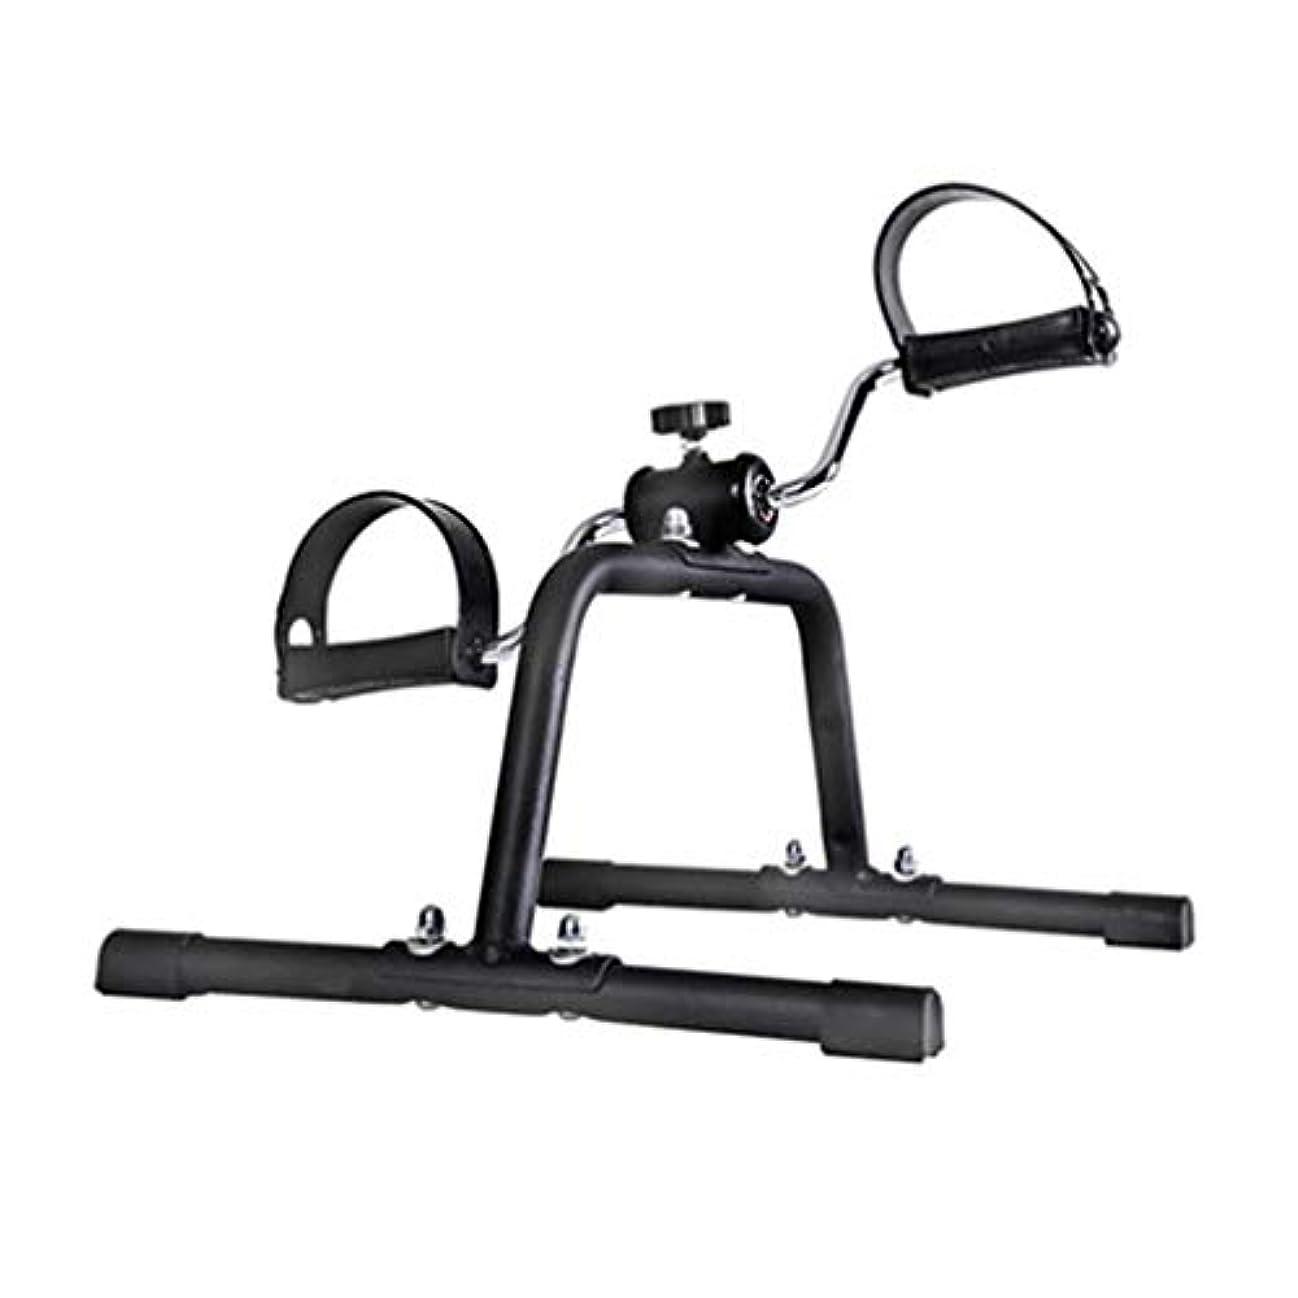 気になるサスティーン沿ってポータブルアームと脚ペダルエクササイザーホームインドアミニエクササイズバイク抵抗調整可能な高齢者上下肢リハビリテーショントレーニングマシン,A